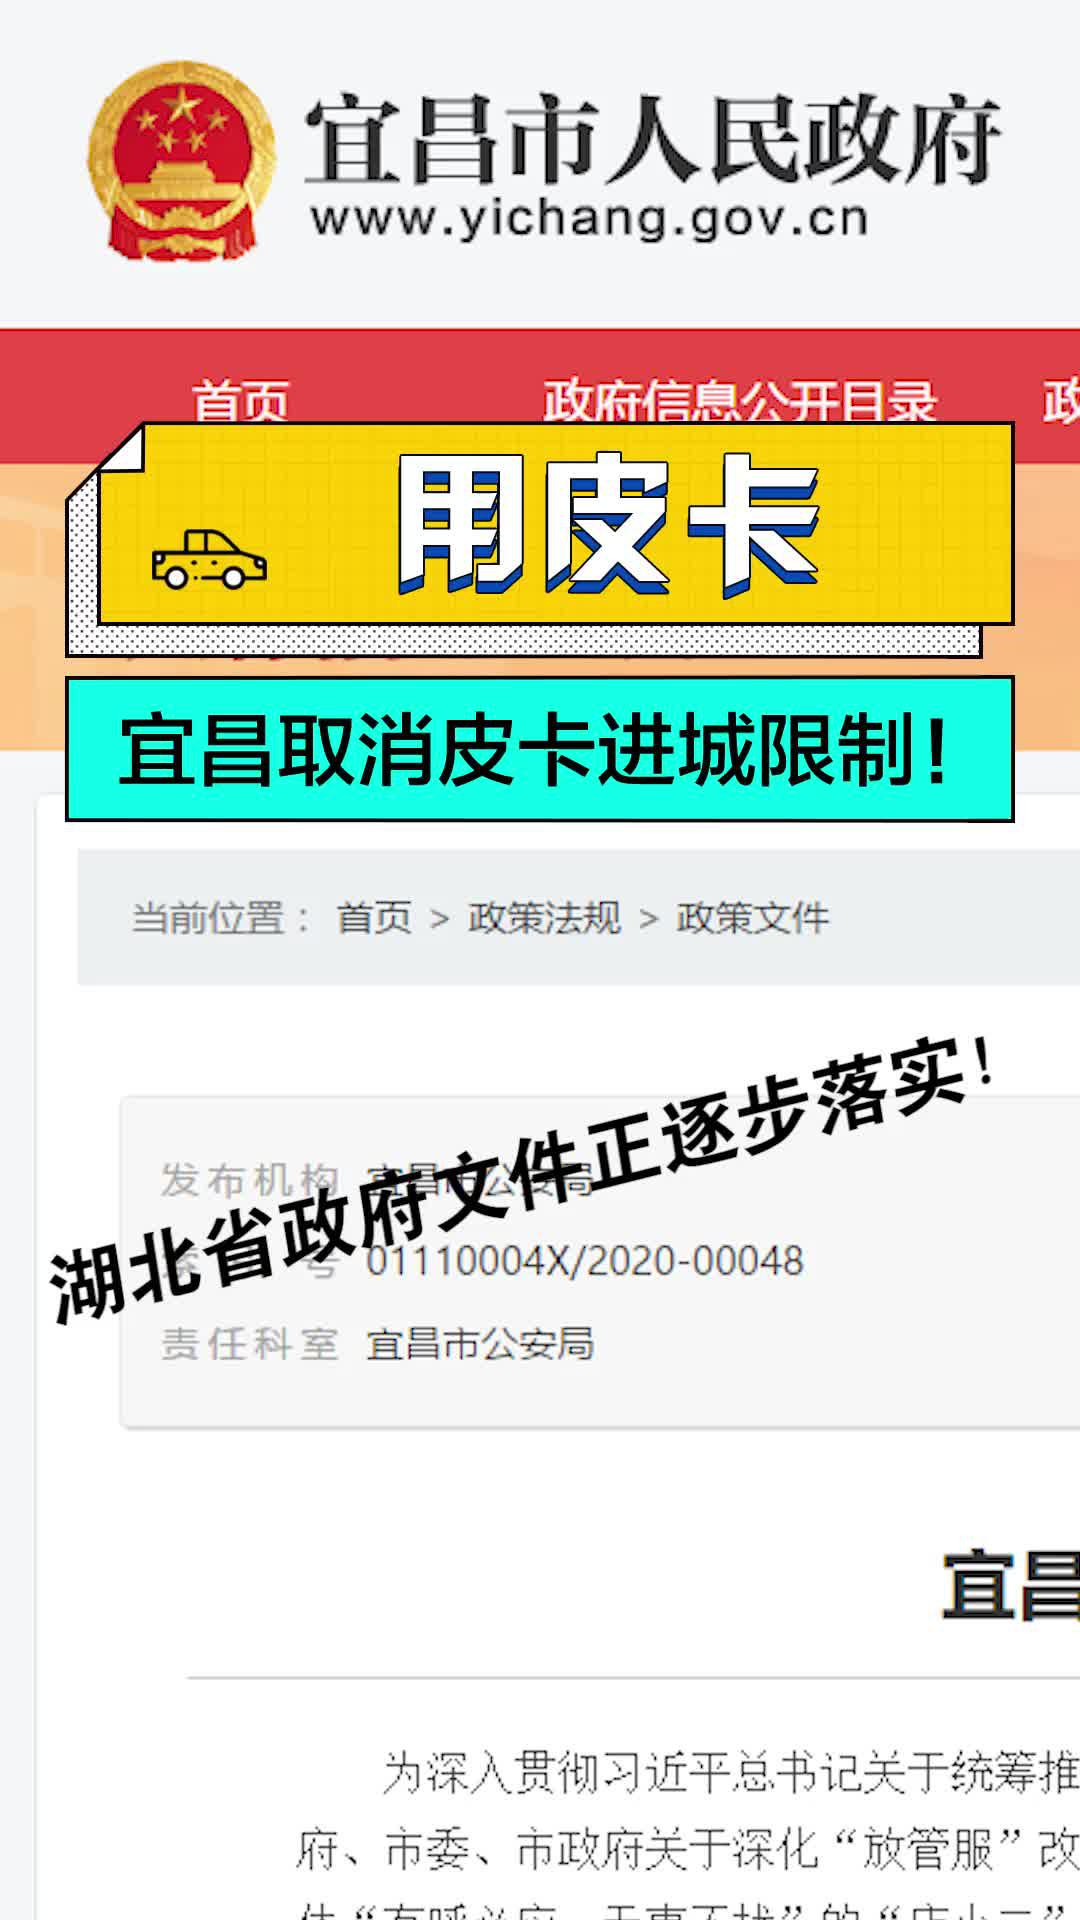 宜昌市取消皮卡进城限制,宜昌卡友快嗨起来!